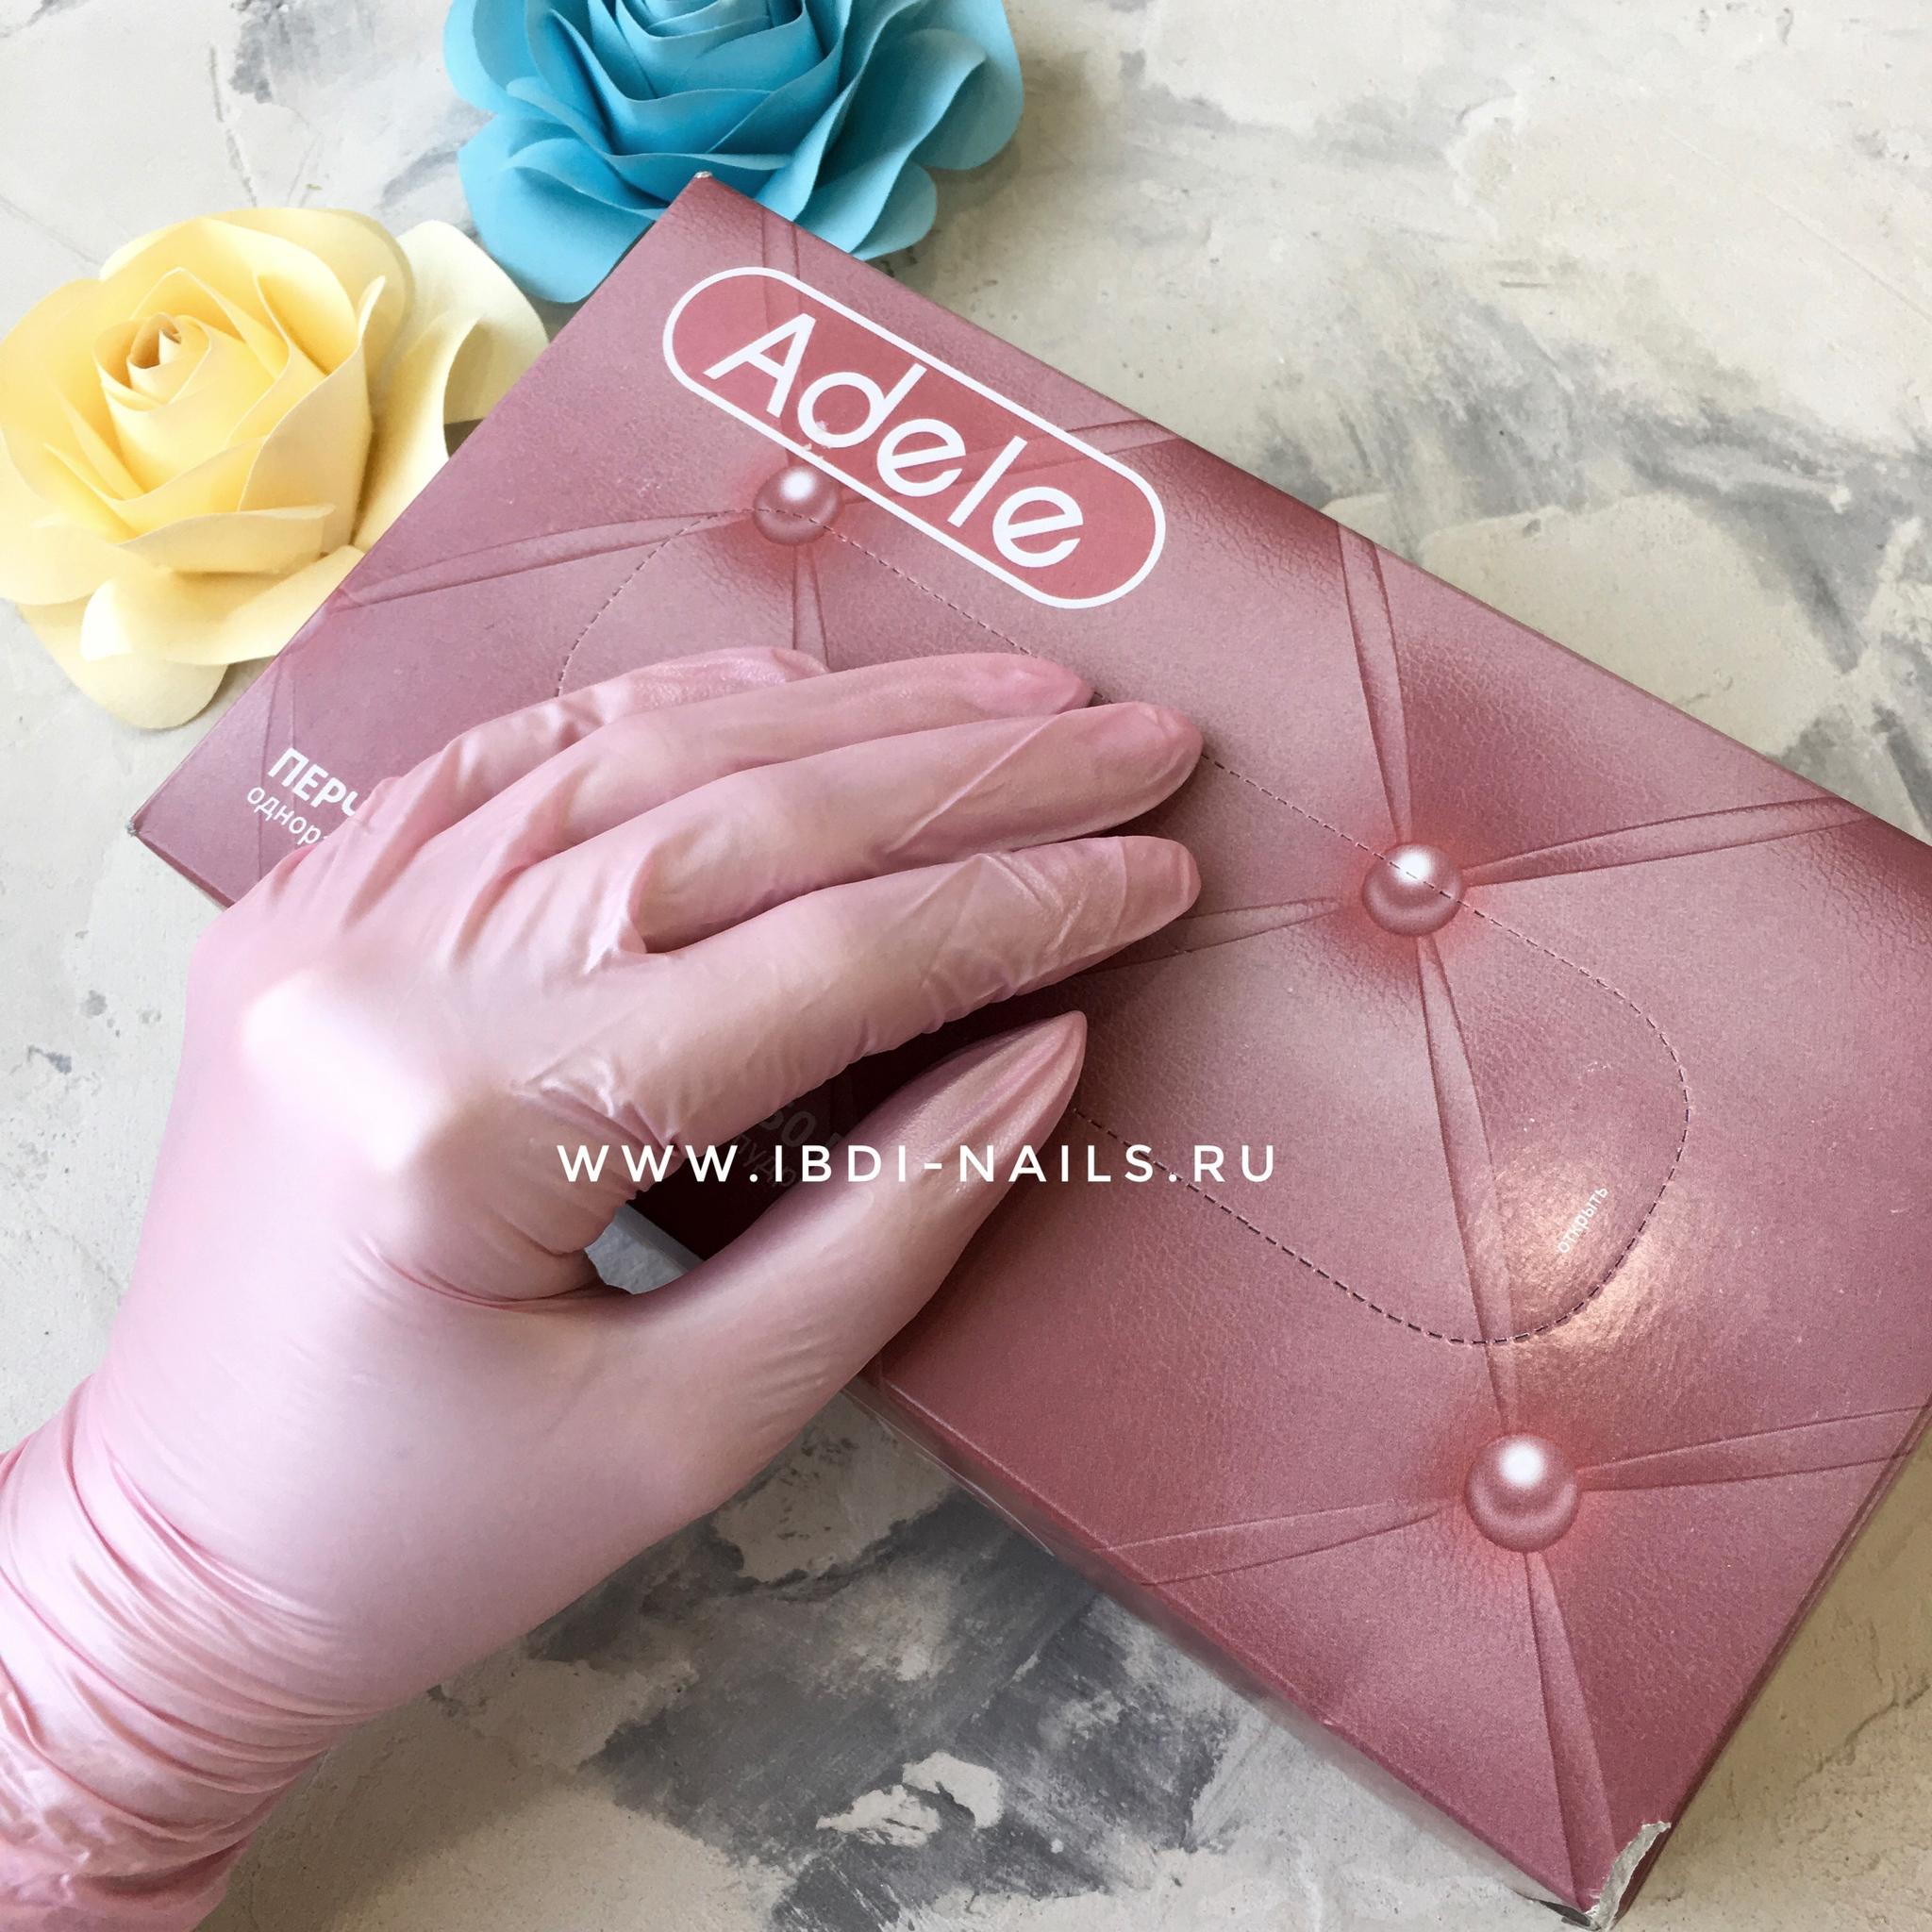 Перчатки Adele нитриловые розовый перламутр S 50 пар